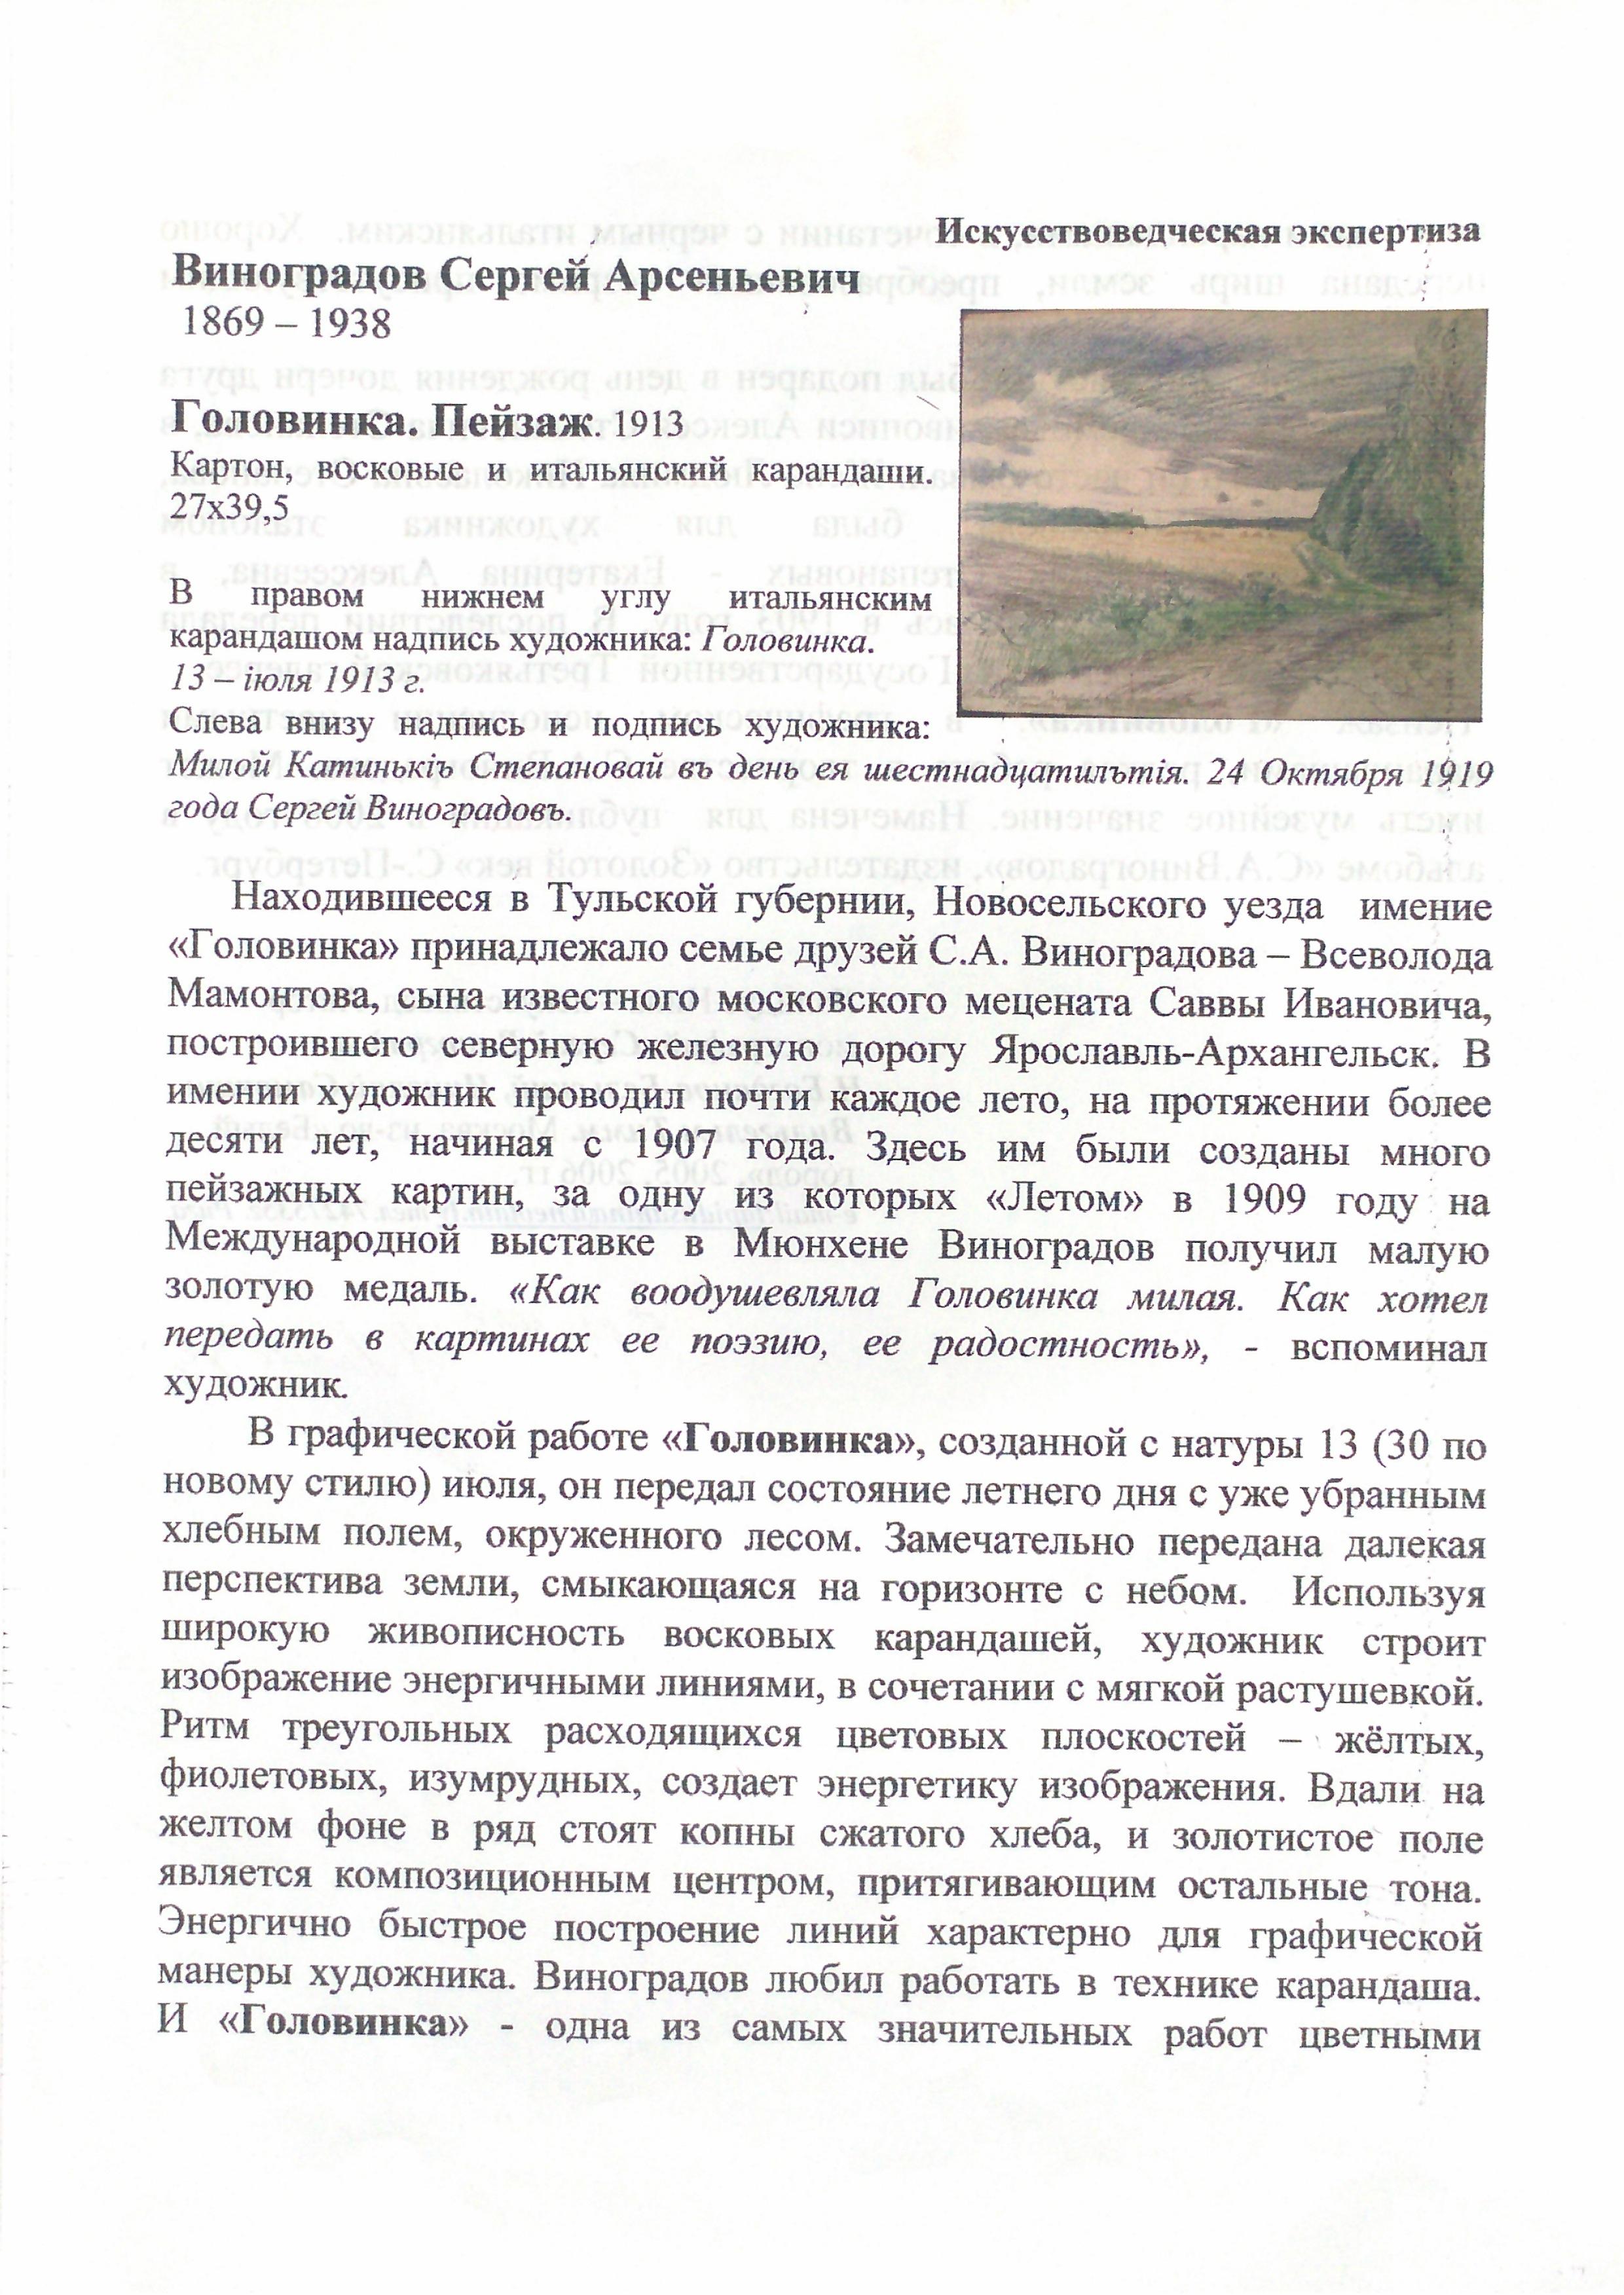 Эксперт. Виноградов Сергей Арсеньевич. Головинка. Пейзаж.